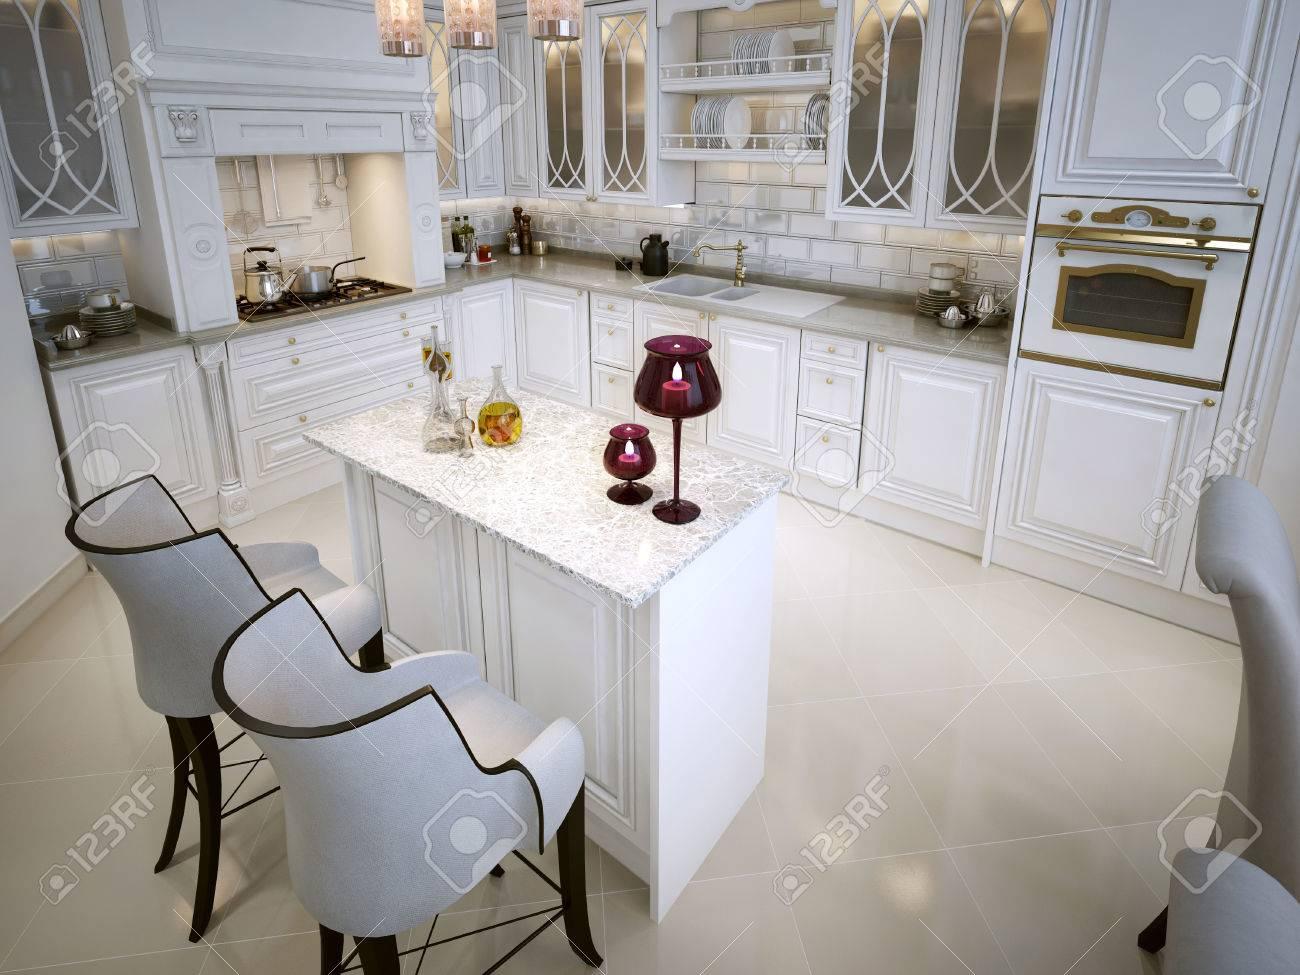 Luxus Weiße Küche Mit Einer Theke Im Arabischen Stil. 3D übertragen.  Standard